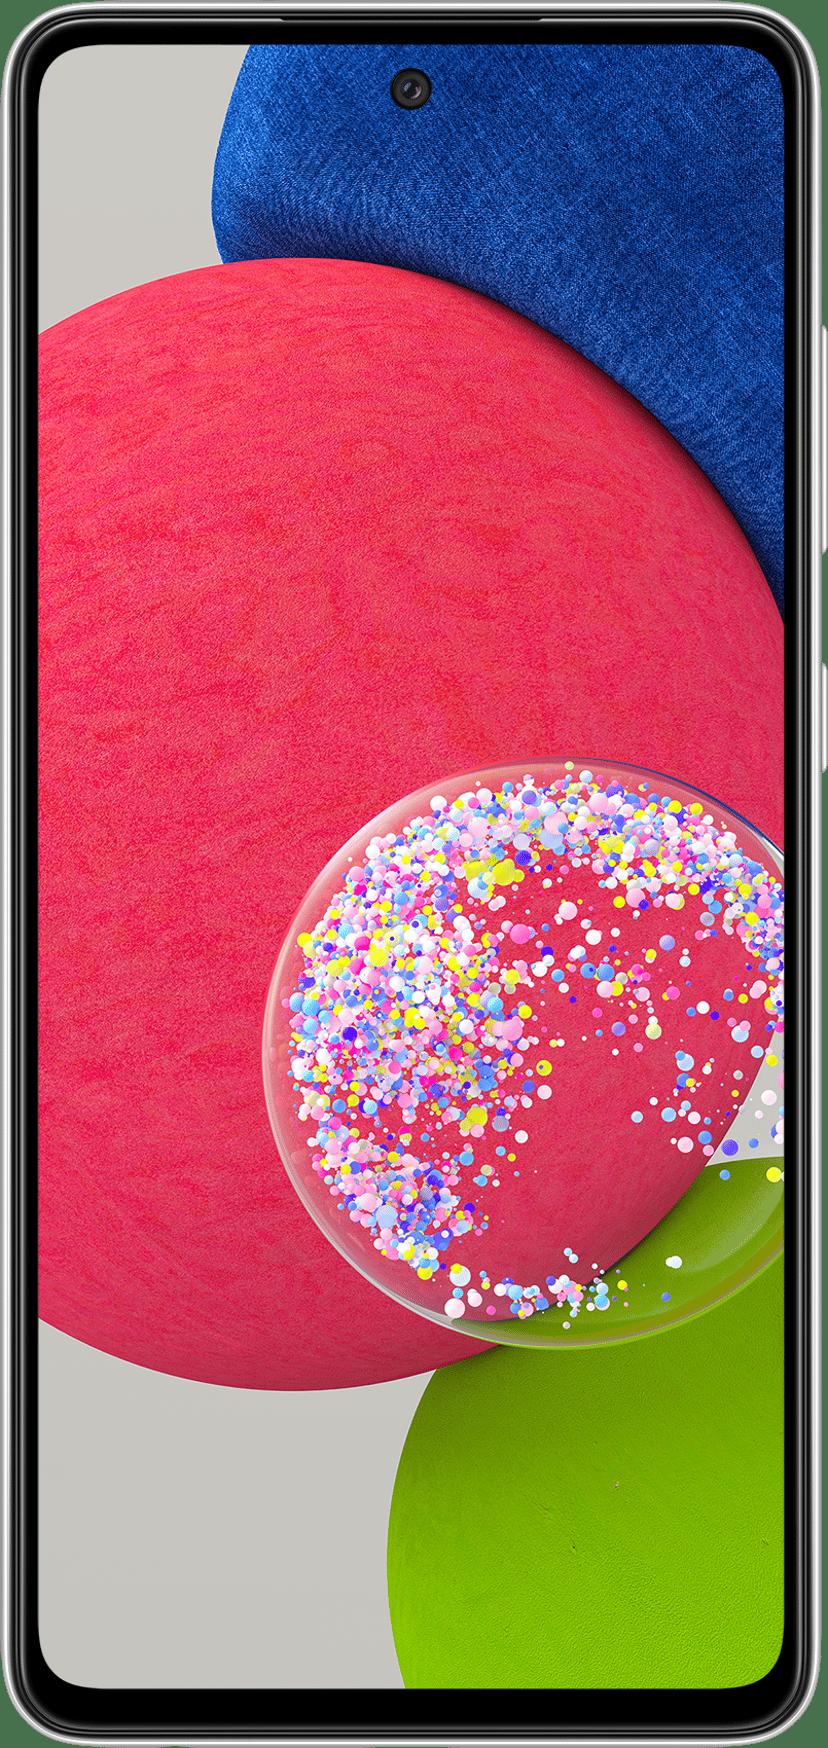 Samsung Galaxy A52s 5G 128GB Dual-SIM Fantastisk vit